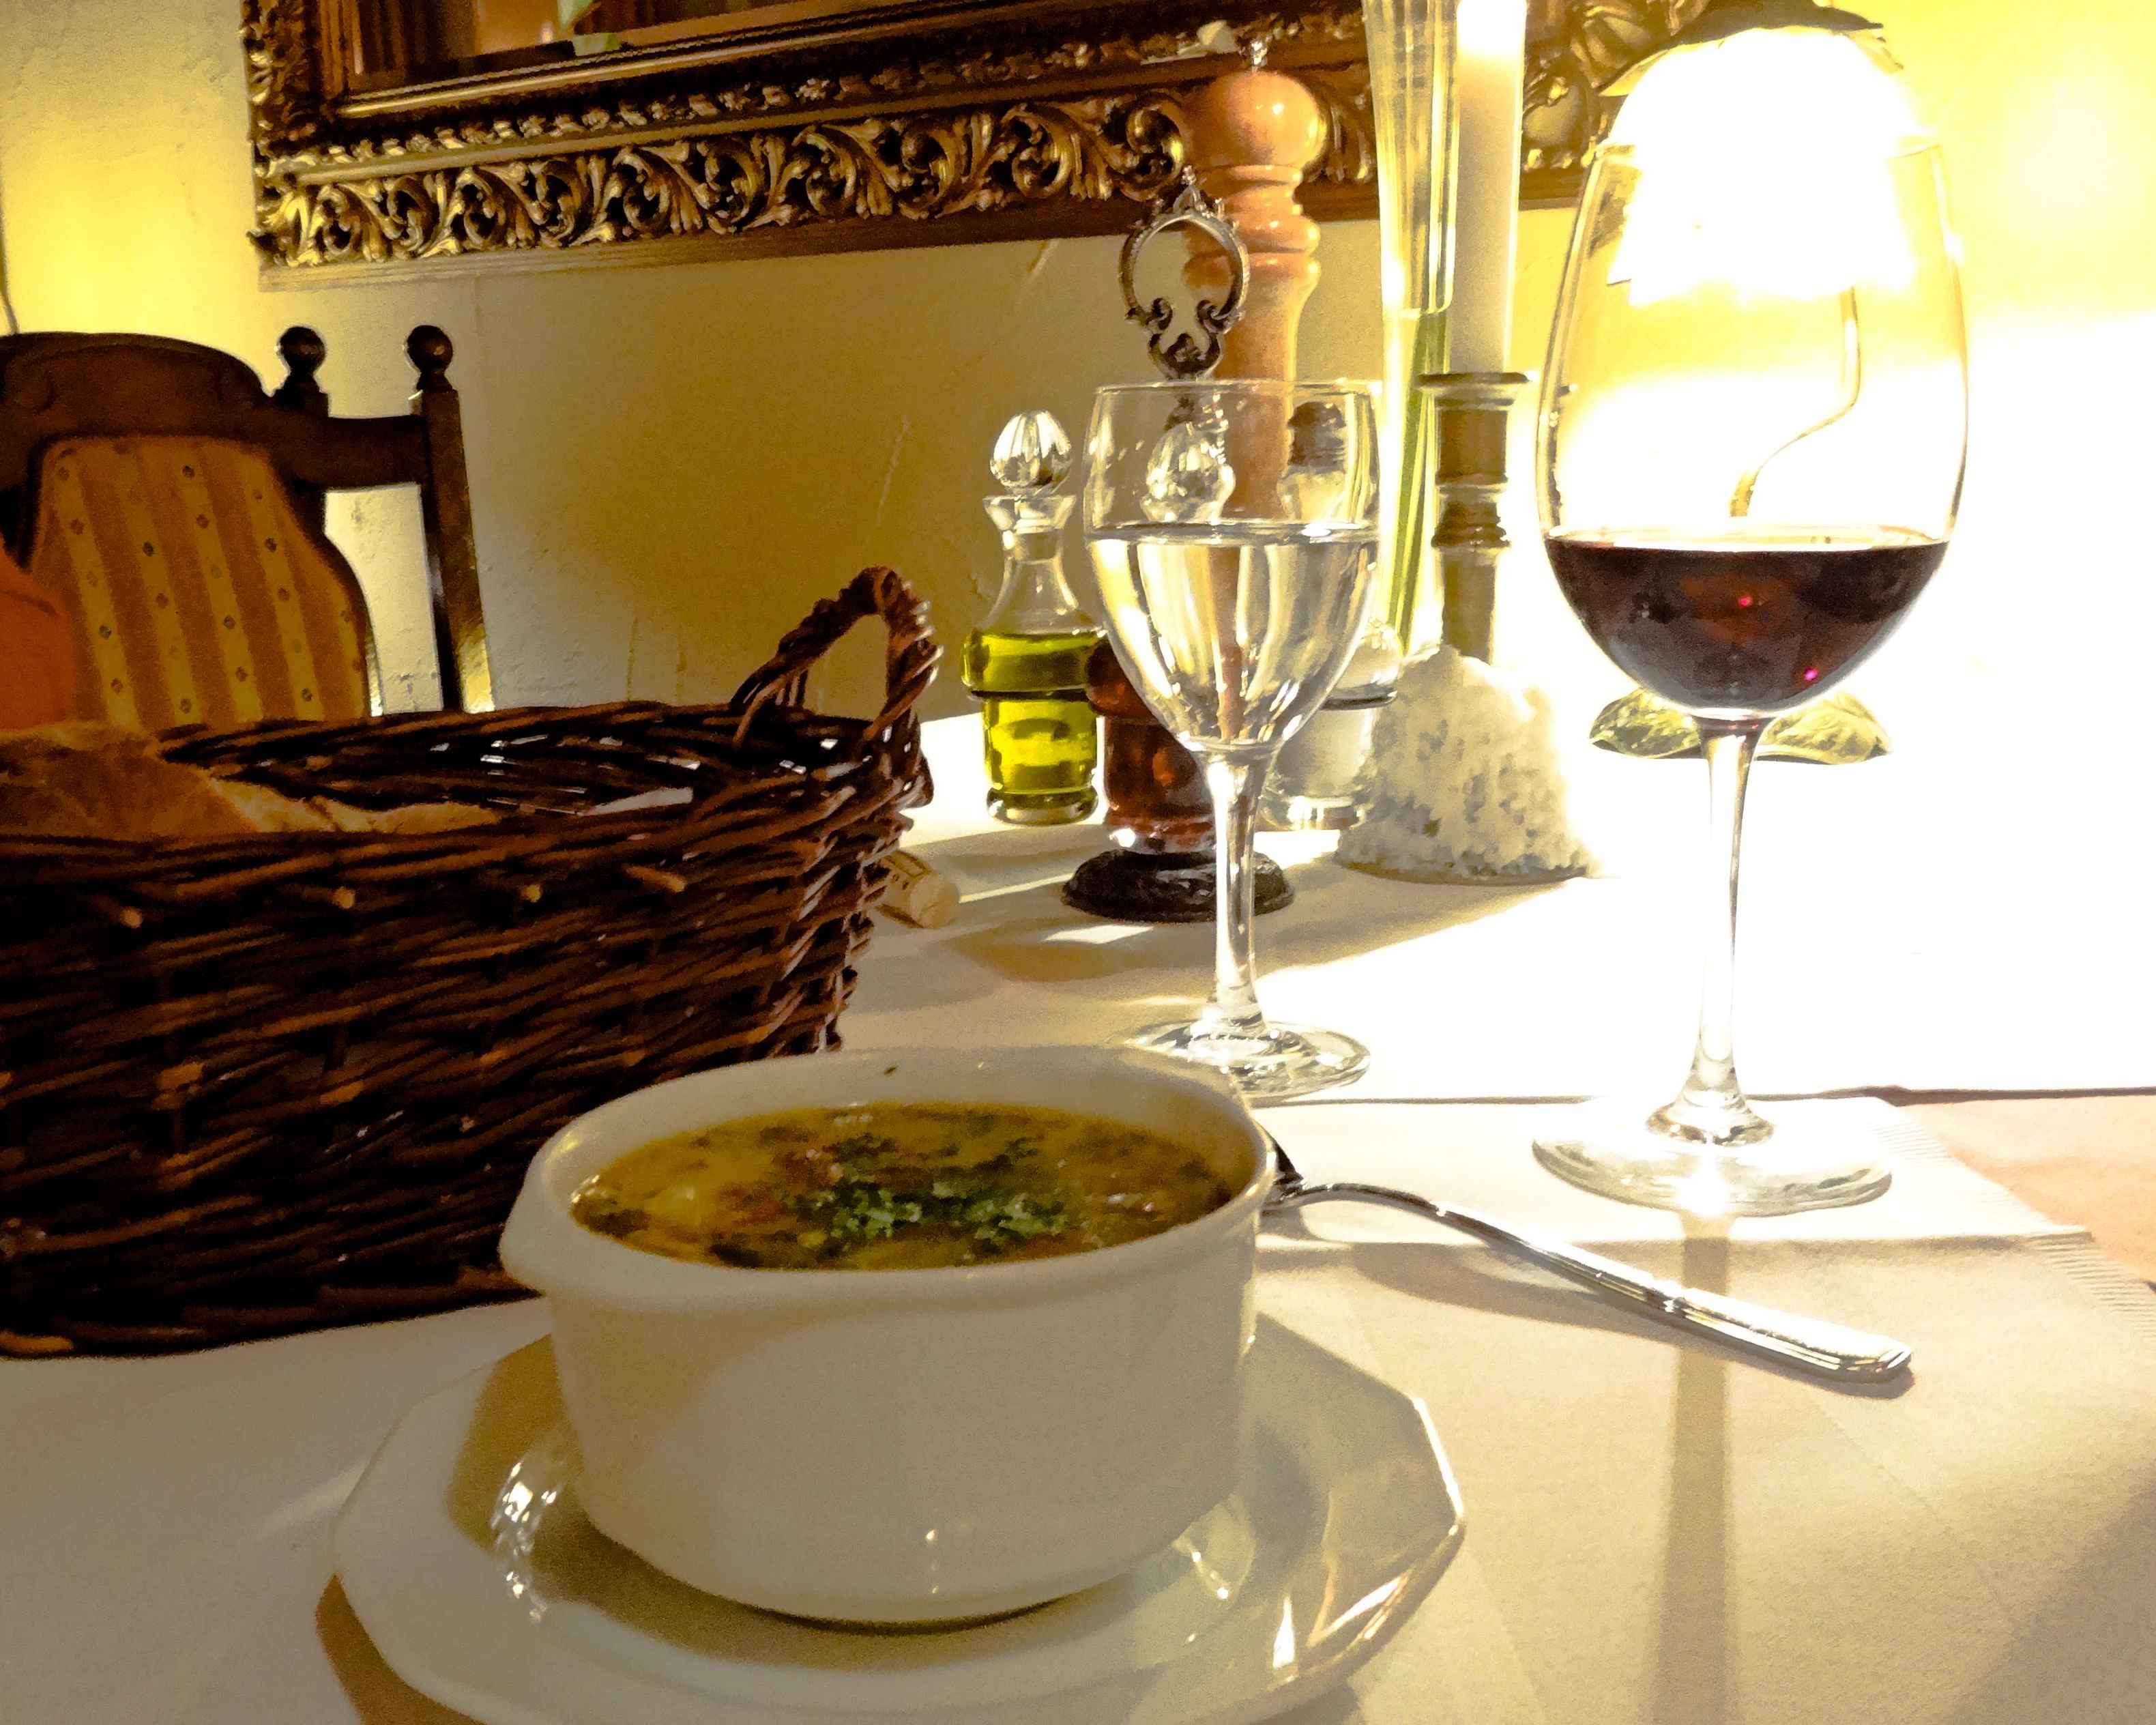 restauracja włoska we wrocławiu kolacja we włoskim stylu tiramisu angellovesdreams